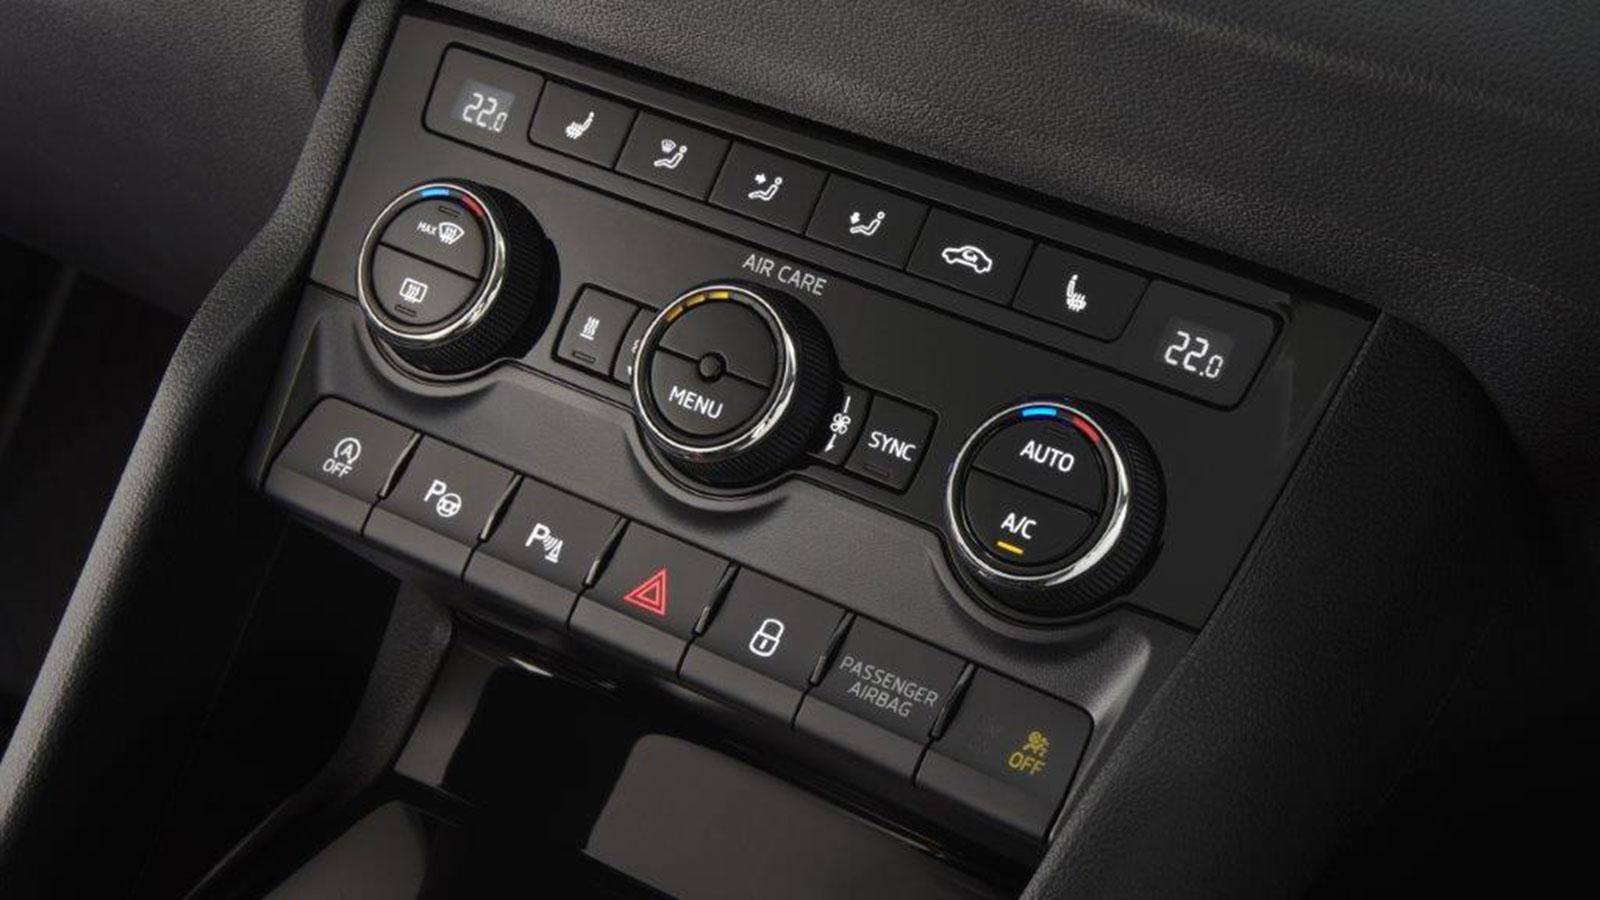 Ο συστηματικός έλεγχος και η απαιτούμενη συντήρηση του συστήματος κλιματισμού του αυτοκινήτου σας, σας διασφαλίζουν άνετες μετακινήσεις